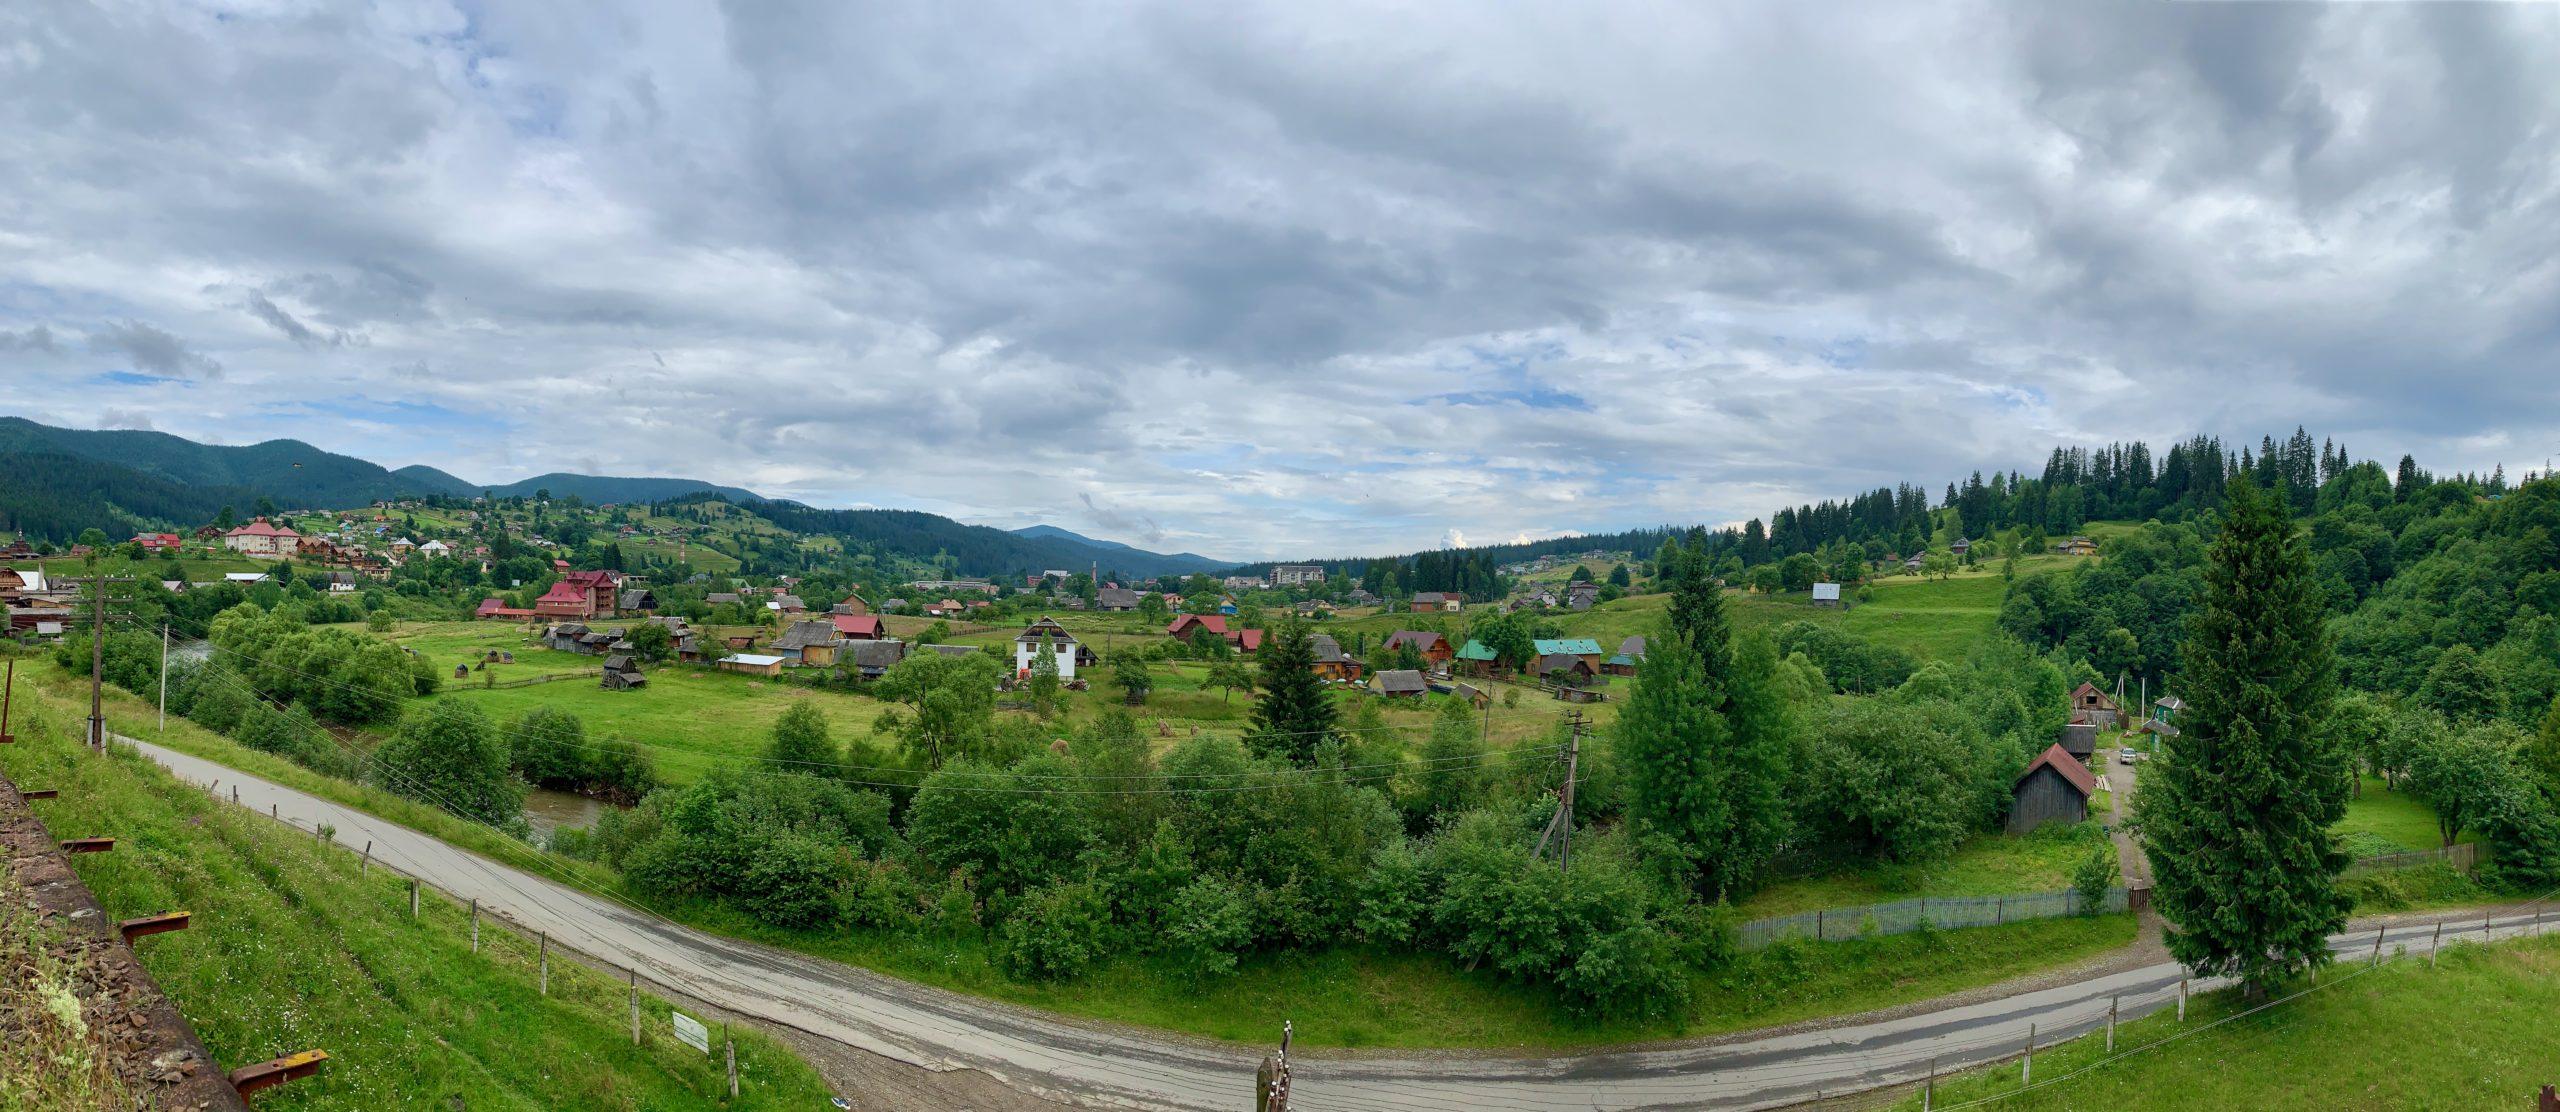 Ворохта - панорама